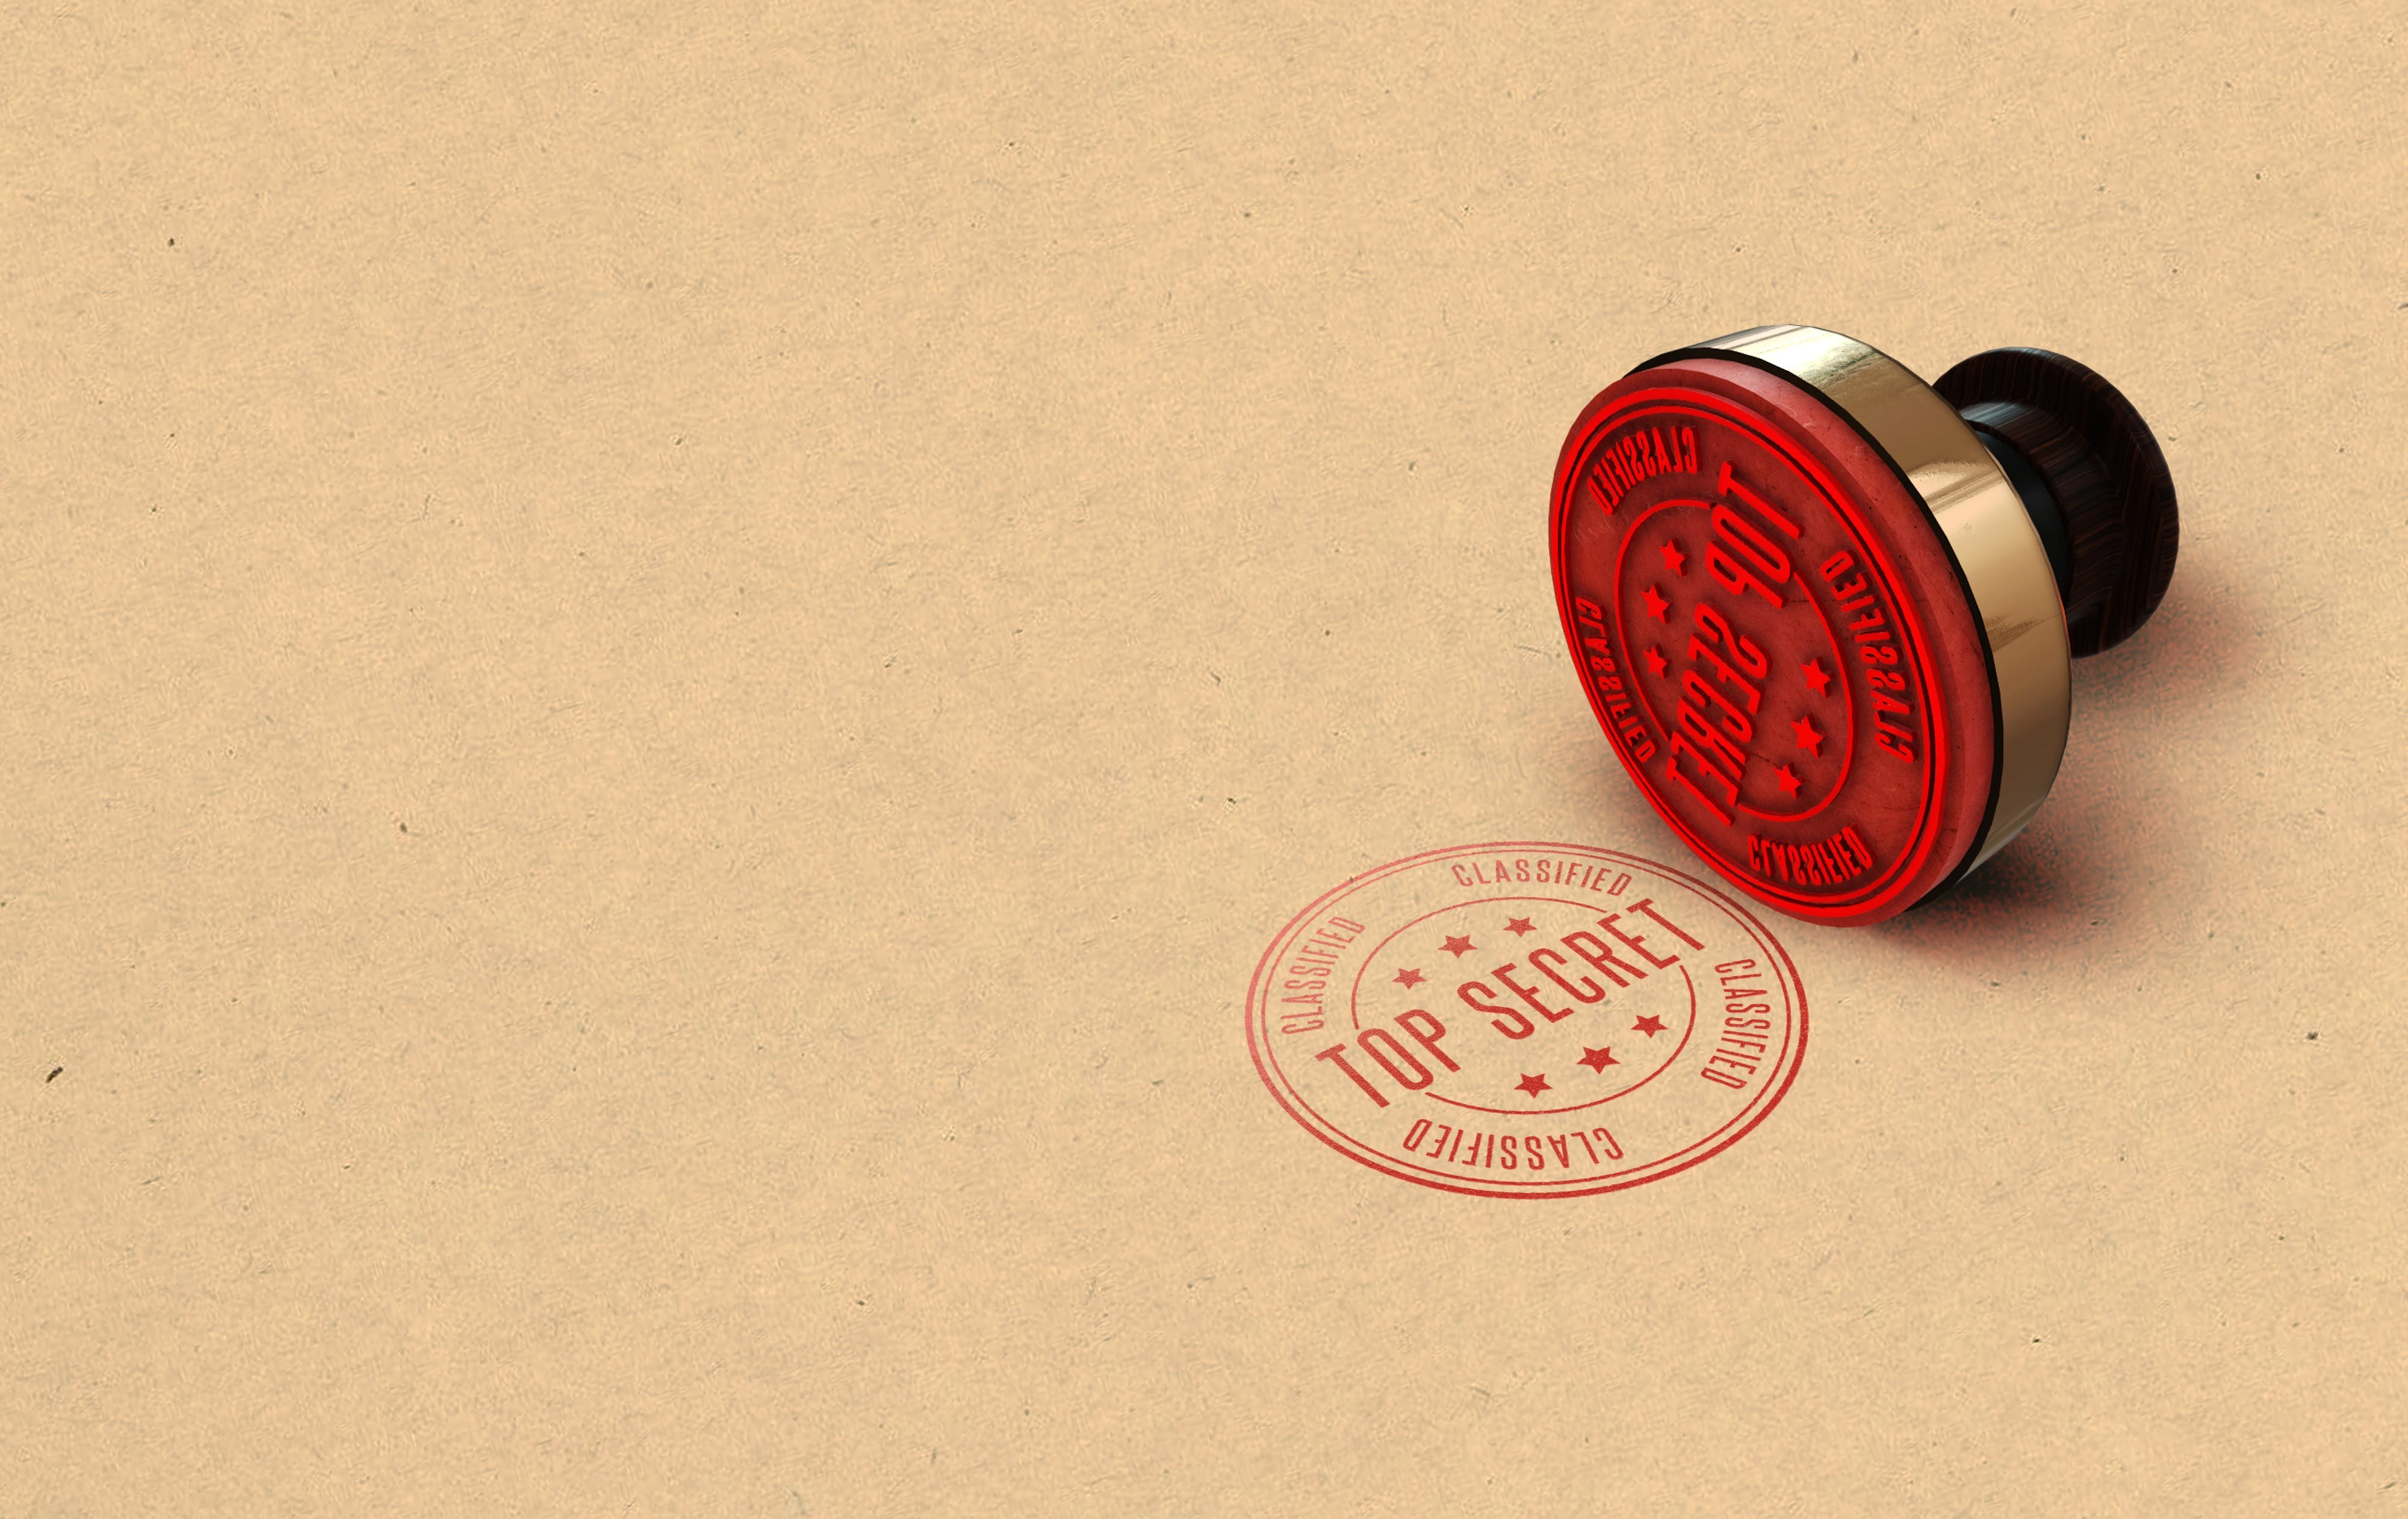 Titelbild-Datensicherheit-Swiss-Post-Top-Secret-Stempel-Sensible-Daten-pixabay-3037639-TayebMEZAHDIA